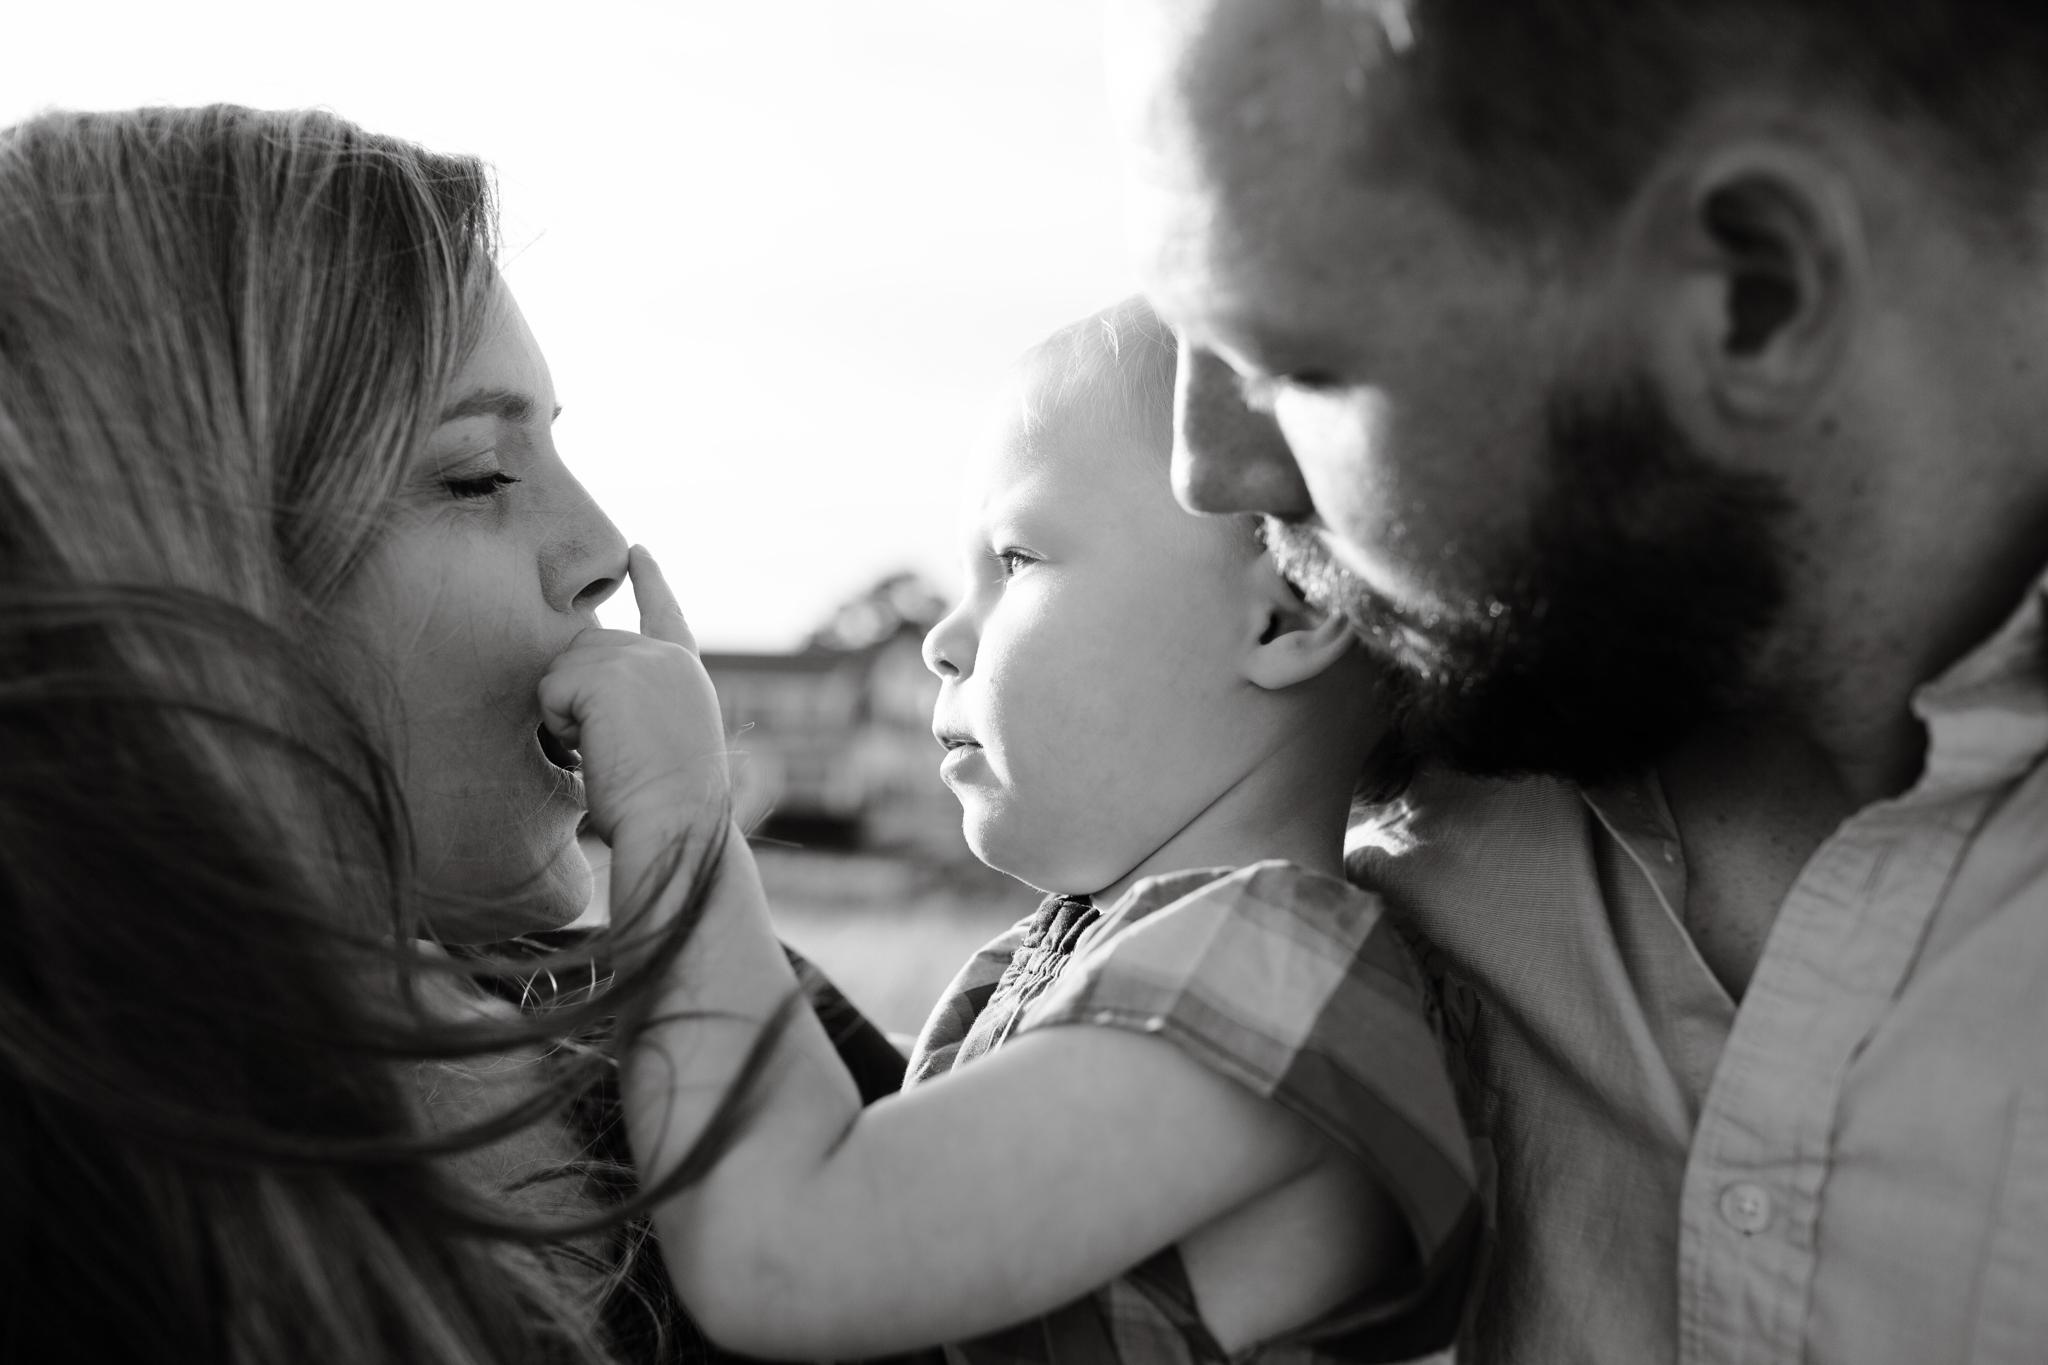 maine-family-photography-pine-point- beach-13.jpg